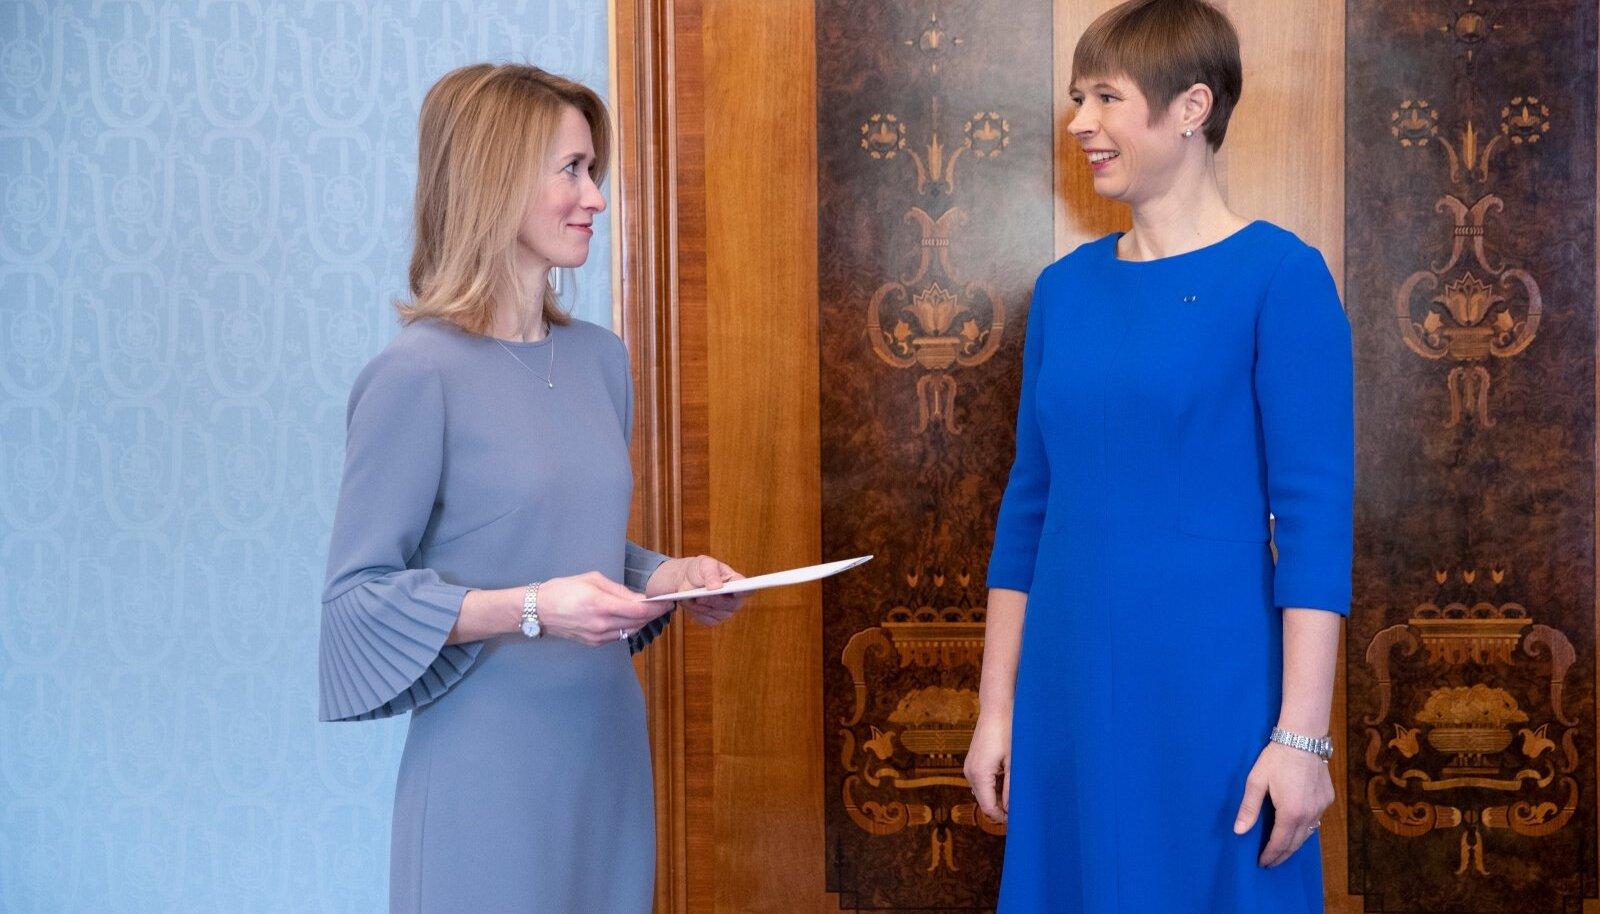 Kas Eesti puhul on see erand või reegel, et nii uus peaminister kui ka president on naised?